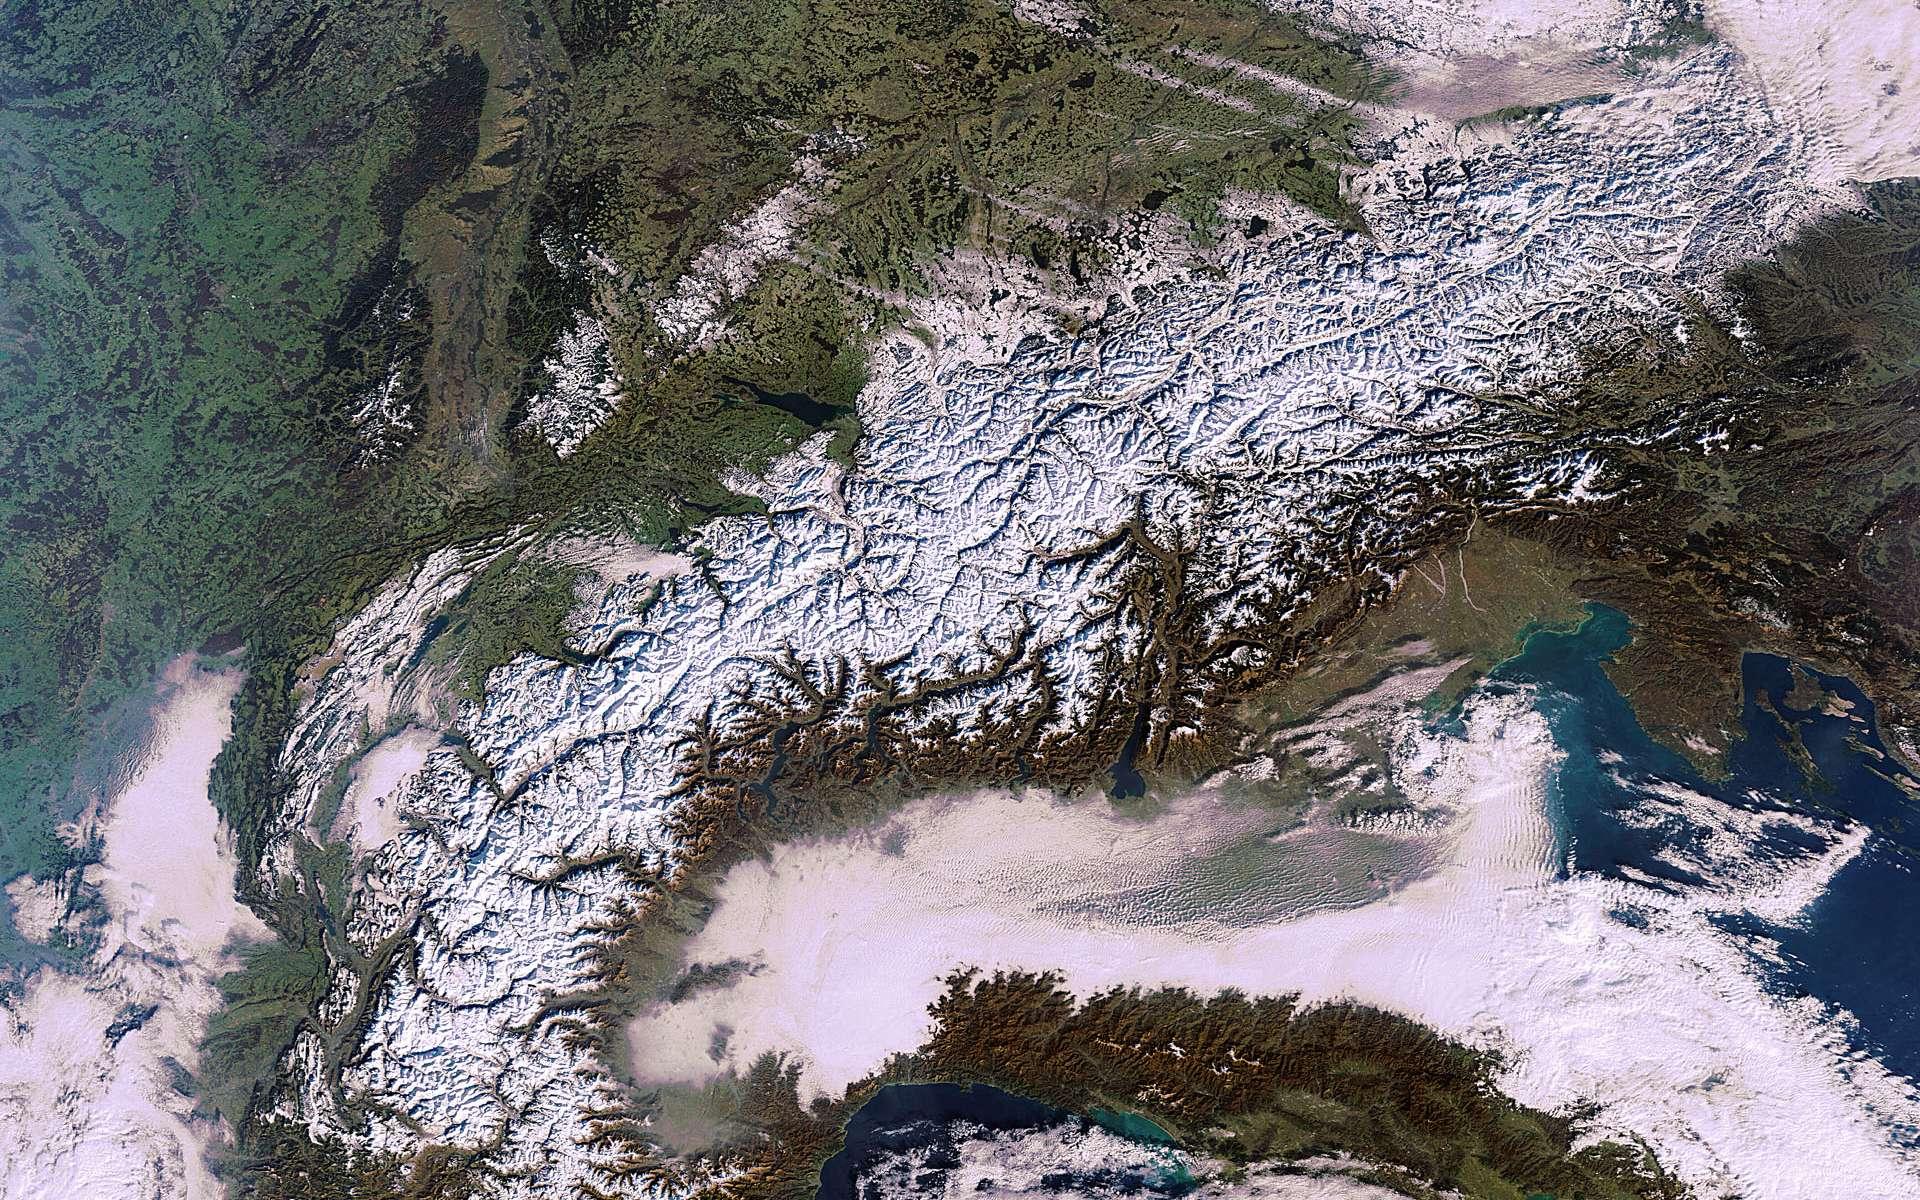 Cette image a été prise le 16 janvier par le satellite Envisat de l'Esa, la plus grande plateforme d'observation de la Terre jamais construite, qui fêtera ses 10 ans sur orbite le mois prochain. © Esa